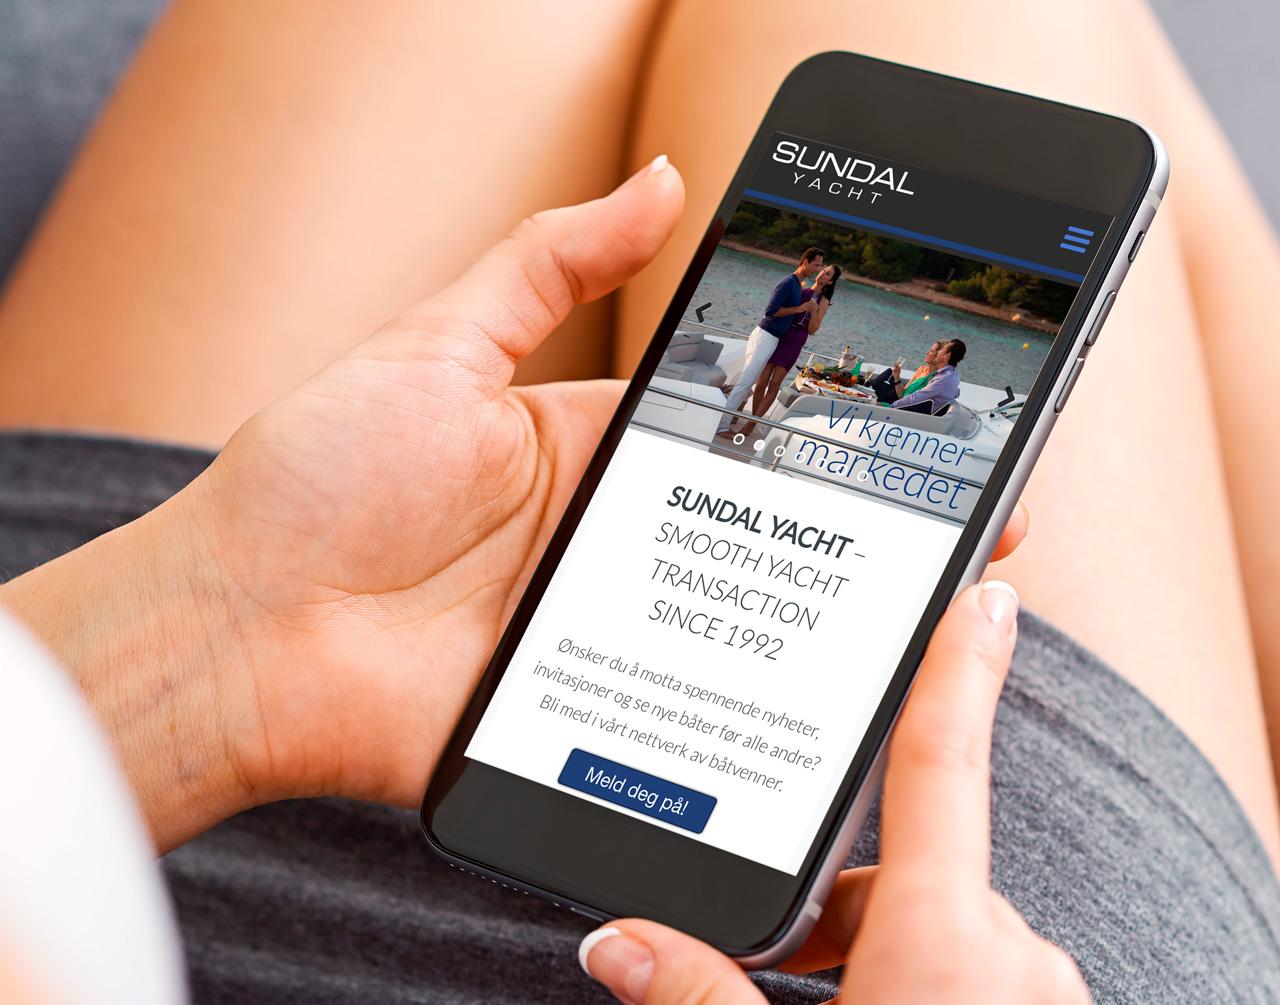 Sundal yacht webdesign mobil av cicero